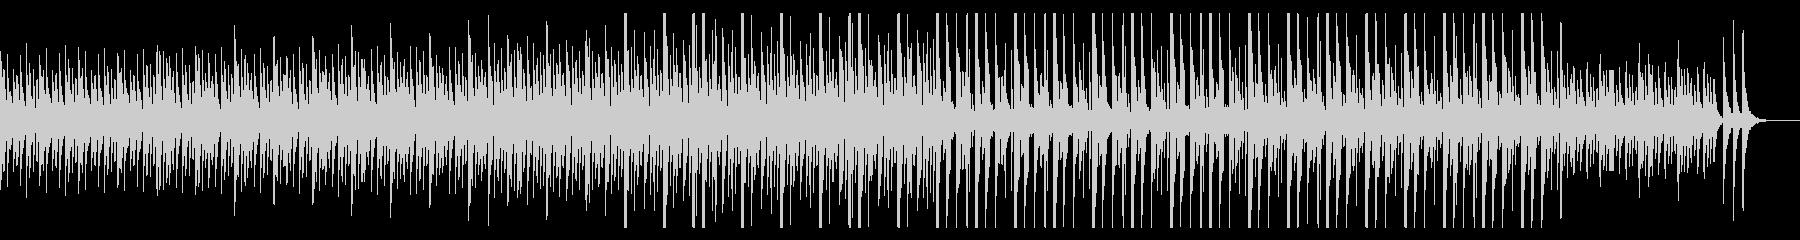 独特なリズムで可愛いらしいメロディーの未再生の波形